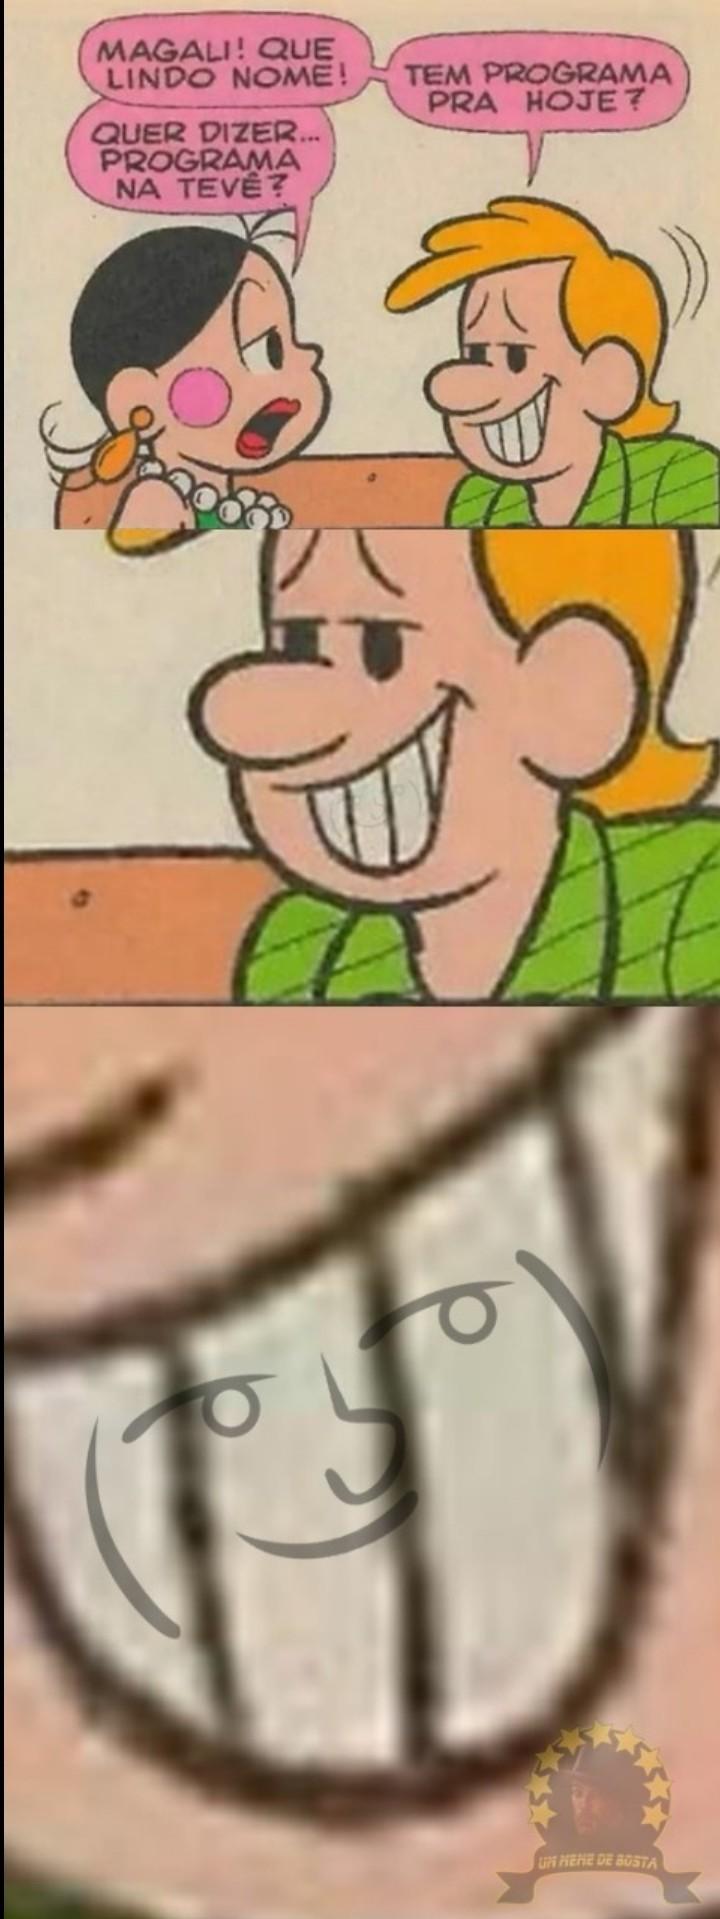 Quanto ta esse progama ae - meme